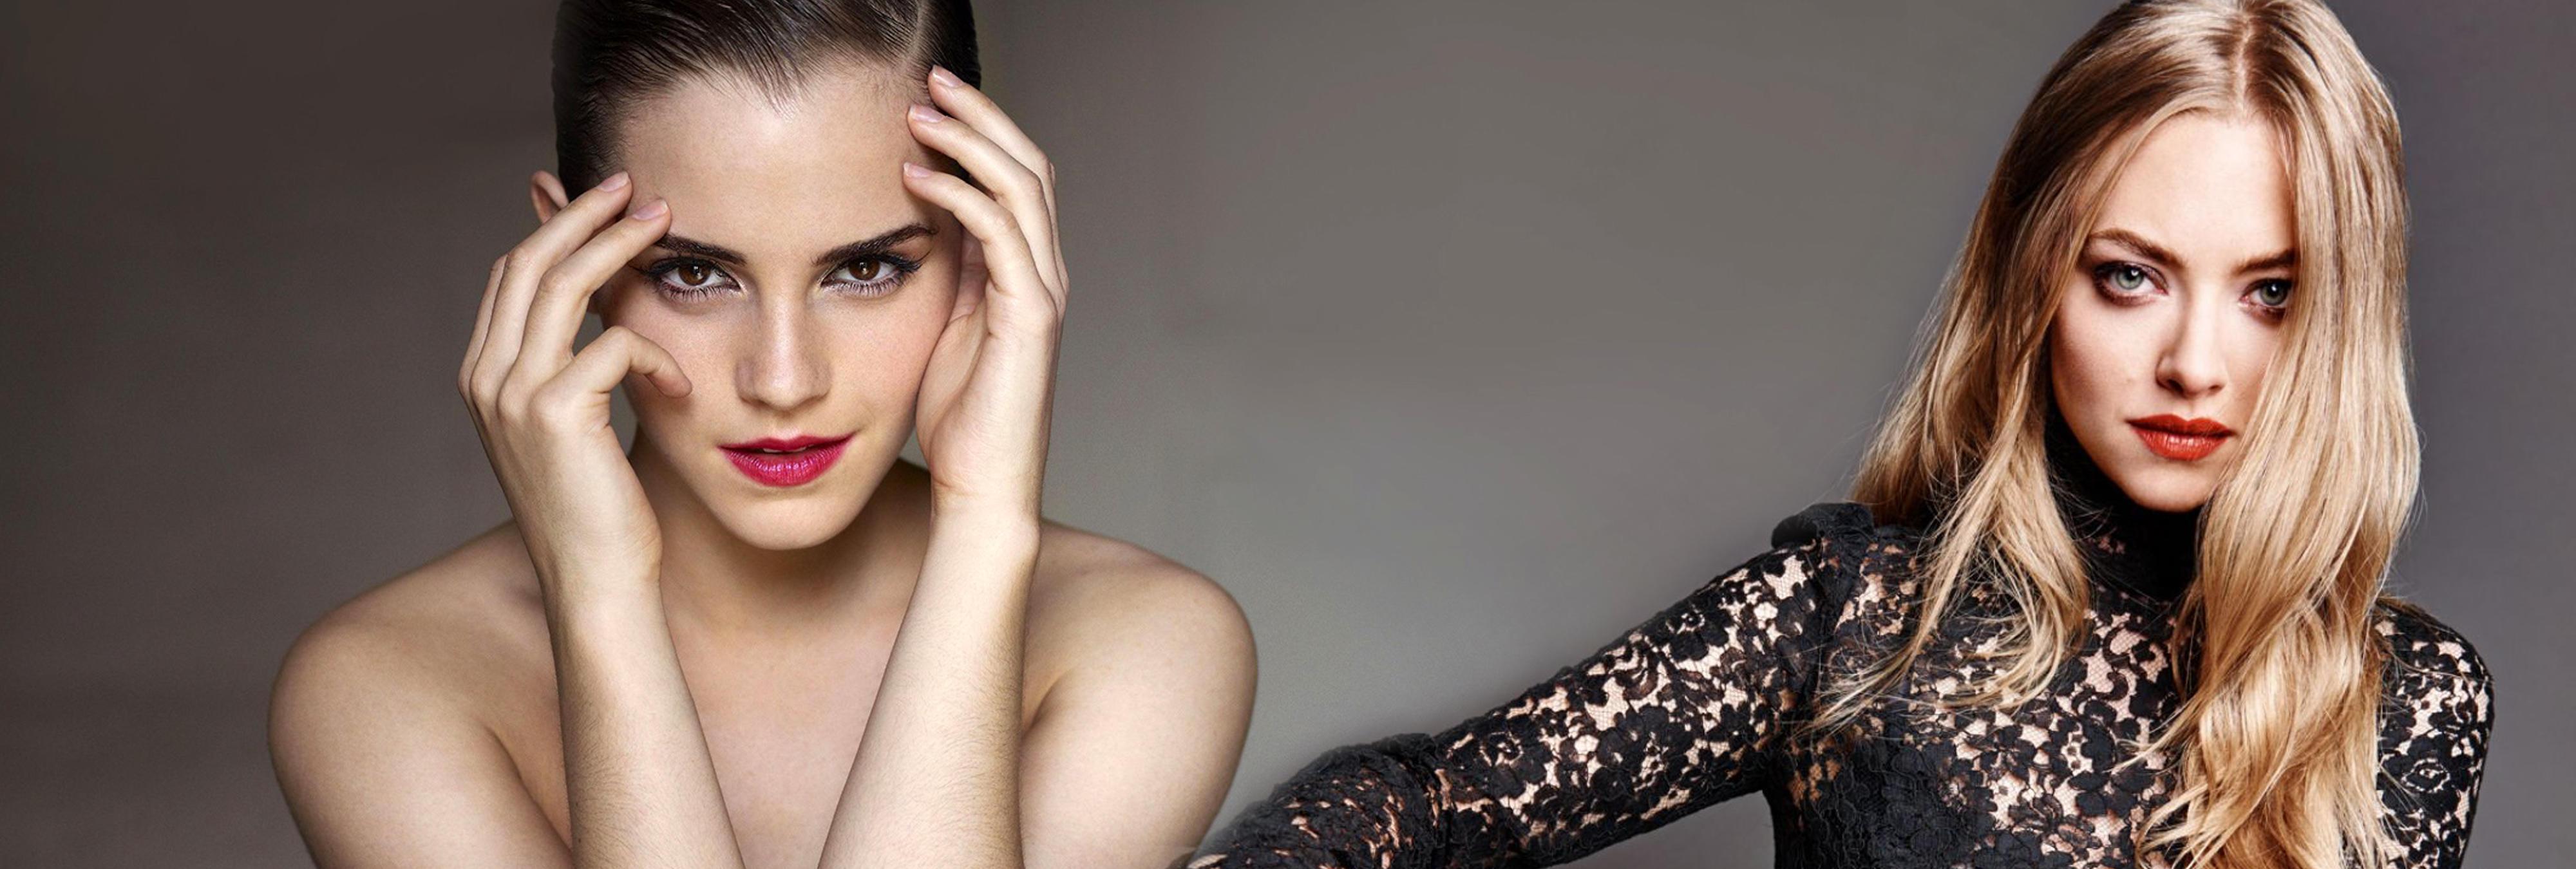 Roban fotografías privadas de Emma Watson y Amanda Seyfried y las cuelgan en internet